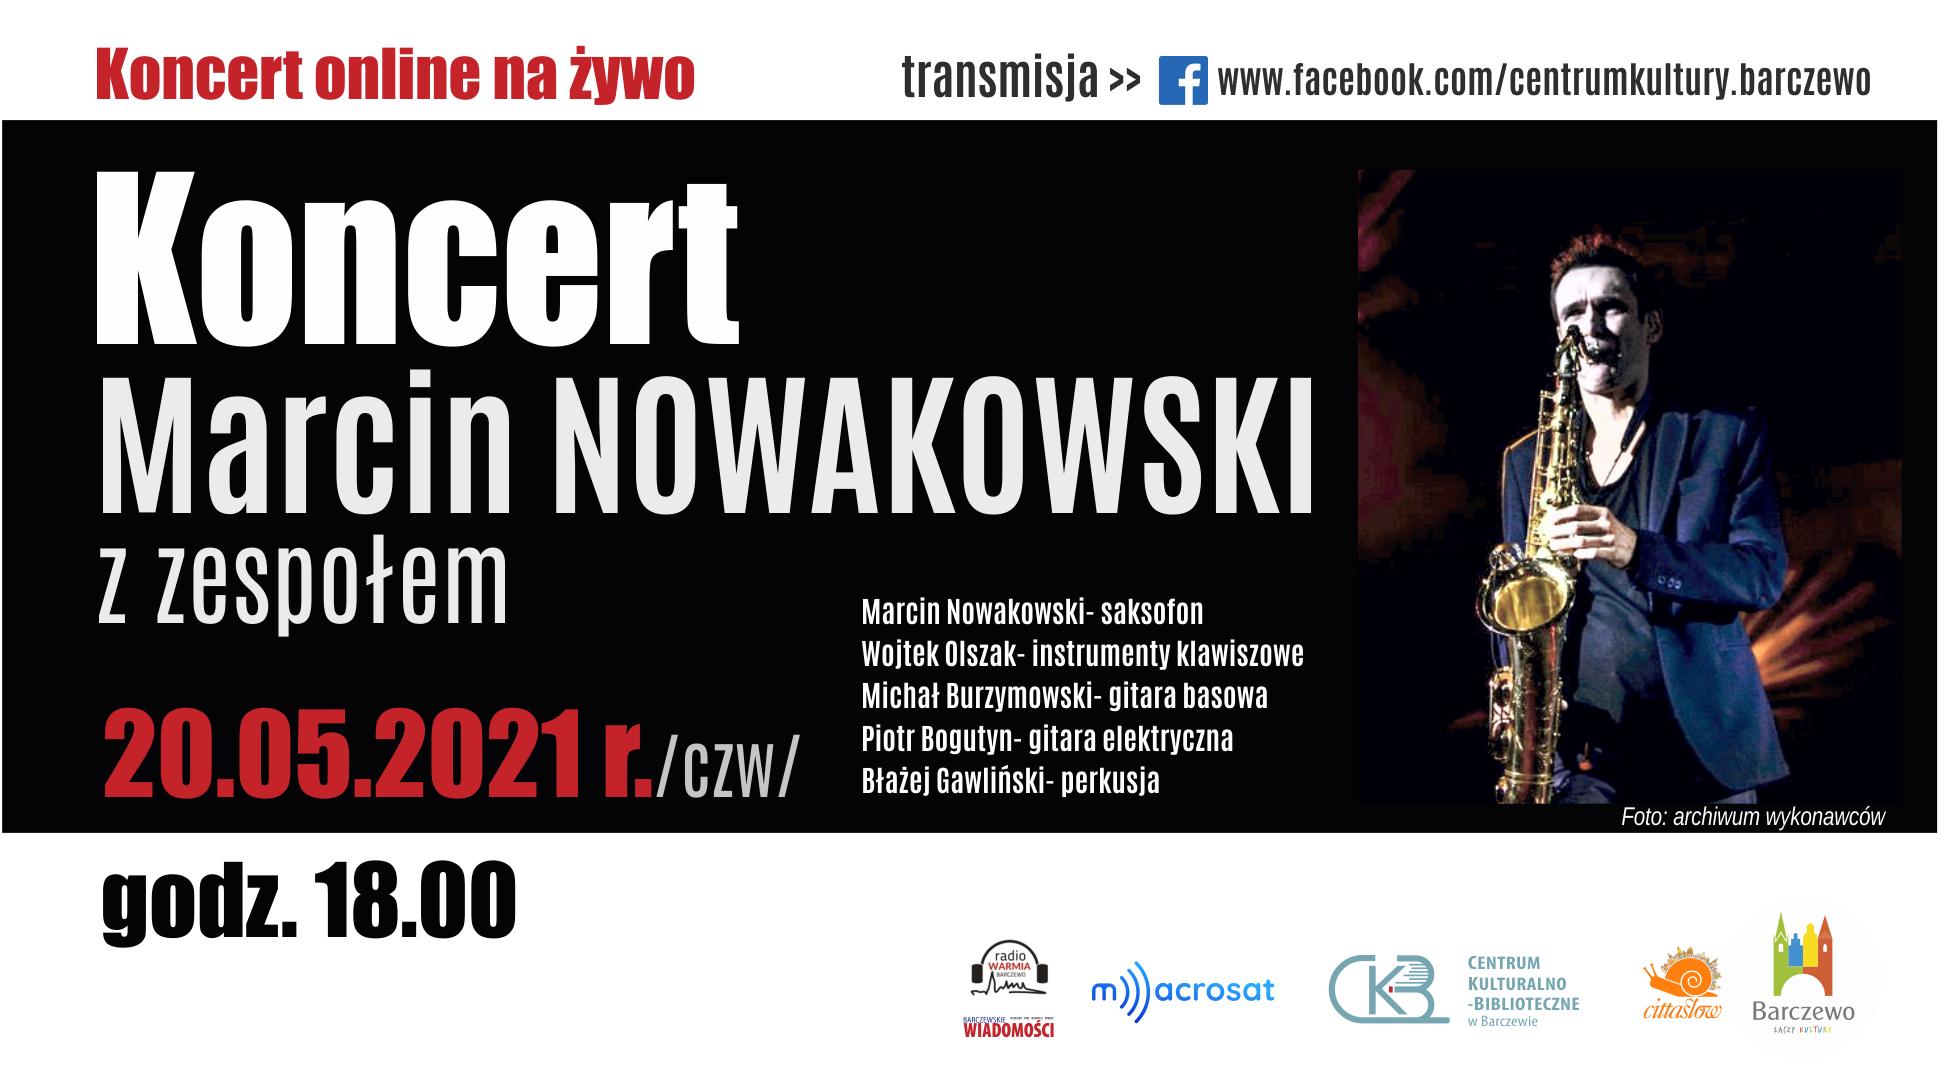 Koncert online – Marcin Nowakowski z zespołem